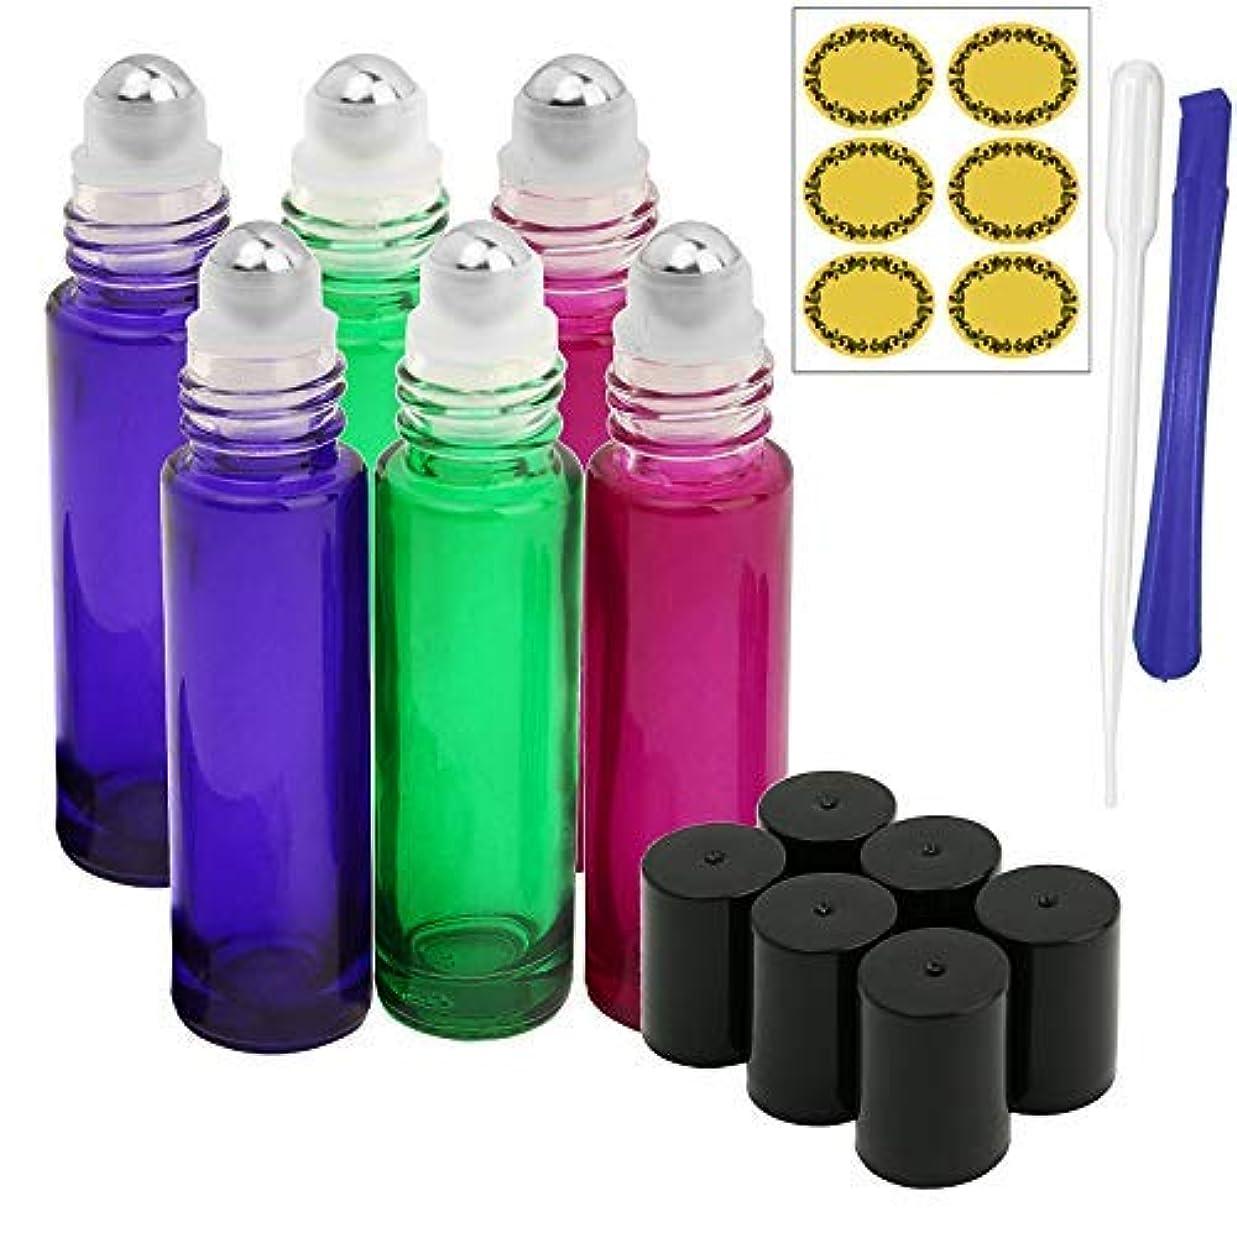 ローマ人新鮮な爆弾6, 10ml Roller Bottles for Essential Oils - Gradient Color Glass Refillable Roller on Bottles with 1 Opener, 1 Dropper & 12 Pcs Label, Suitable for Aromatherapy, Essential Oils by JamHooDirect [並行輸入品]